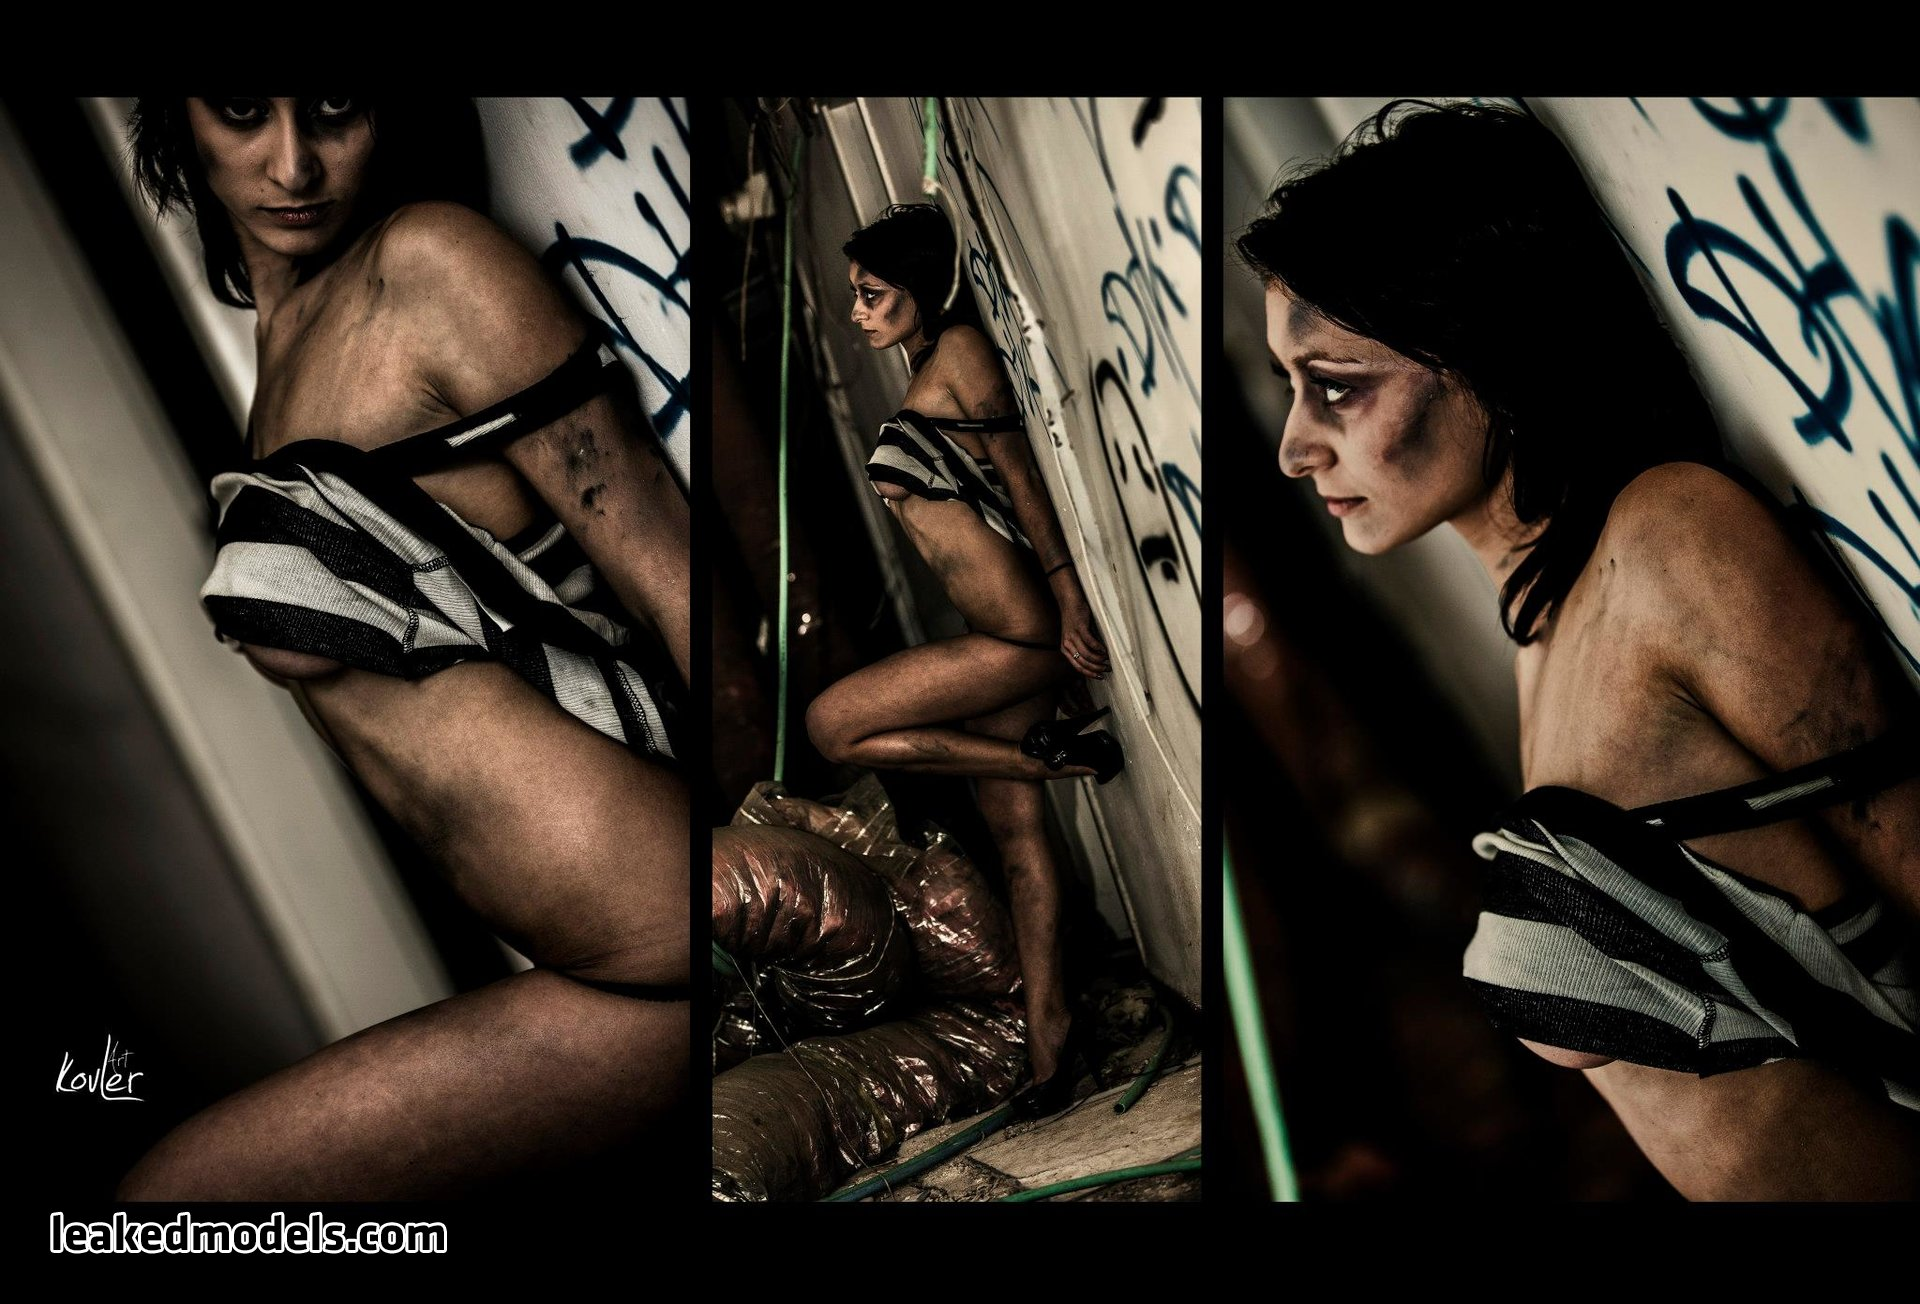 valeriya dubinskaya leaked nude leakedmodels.com 0007 - Valeriya Dubinskaya Instagram Nude Leaks (37 Photos)